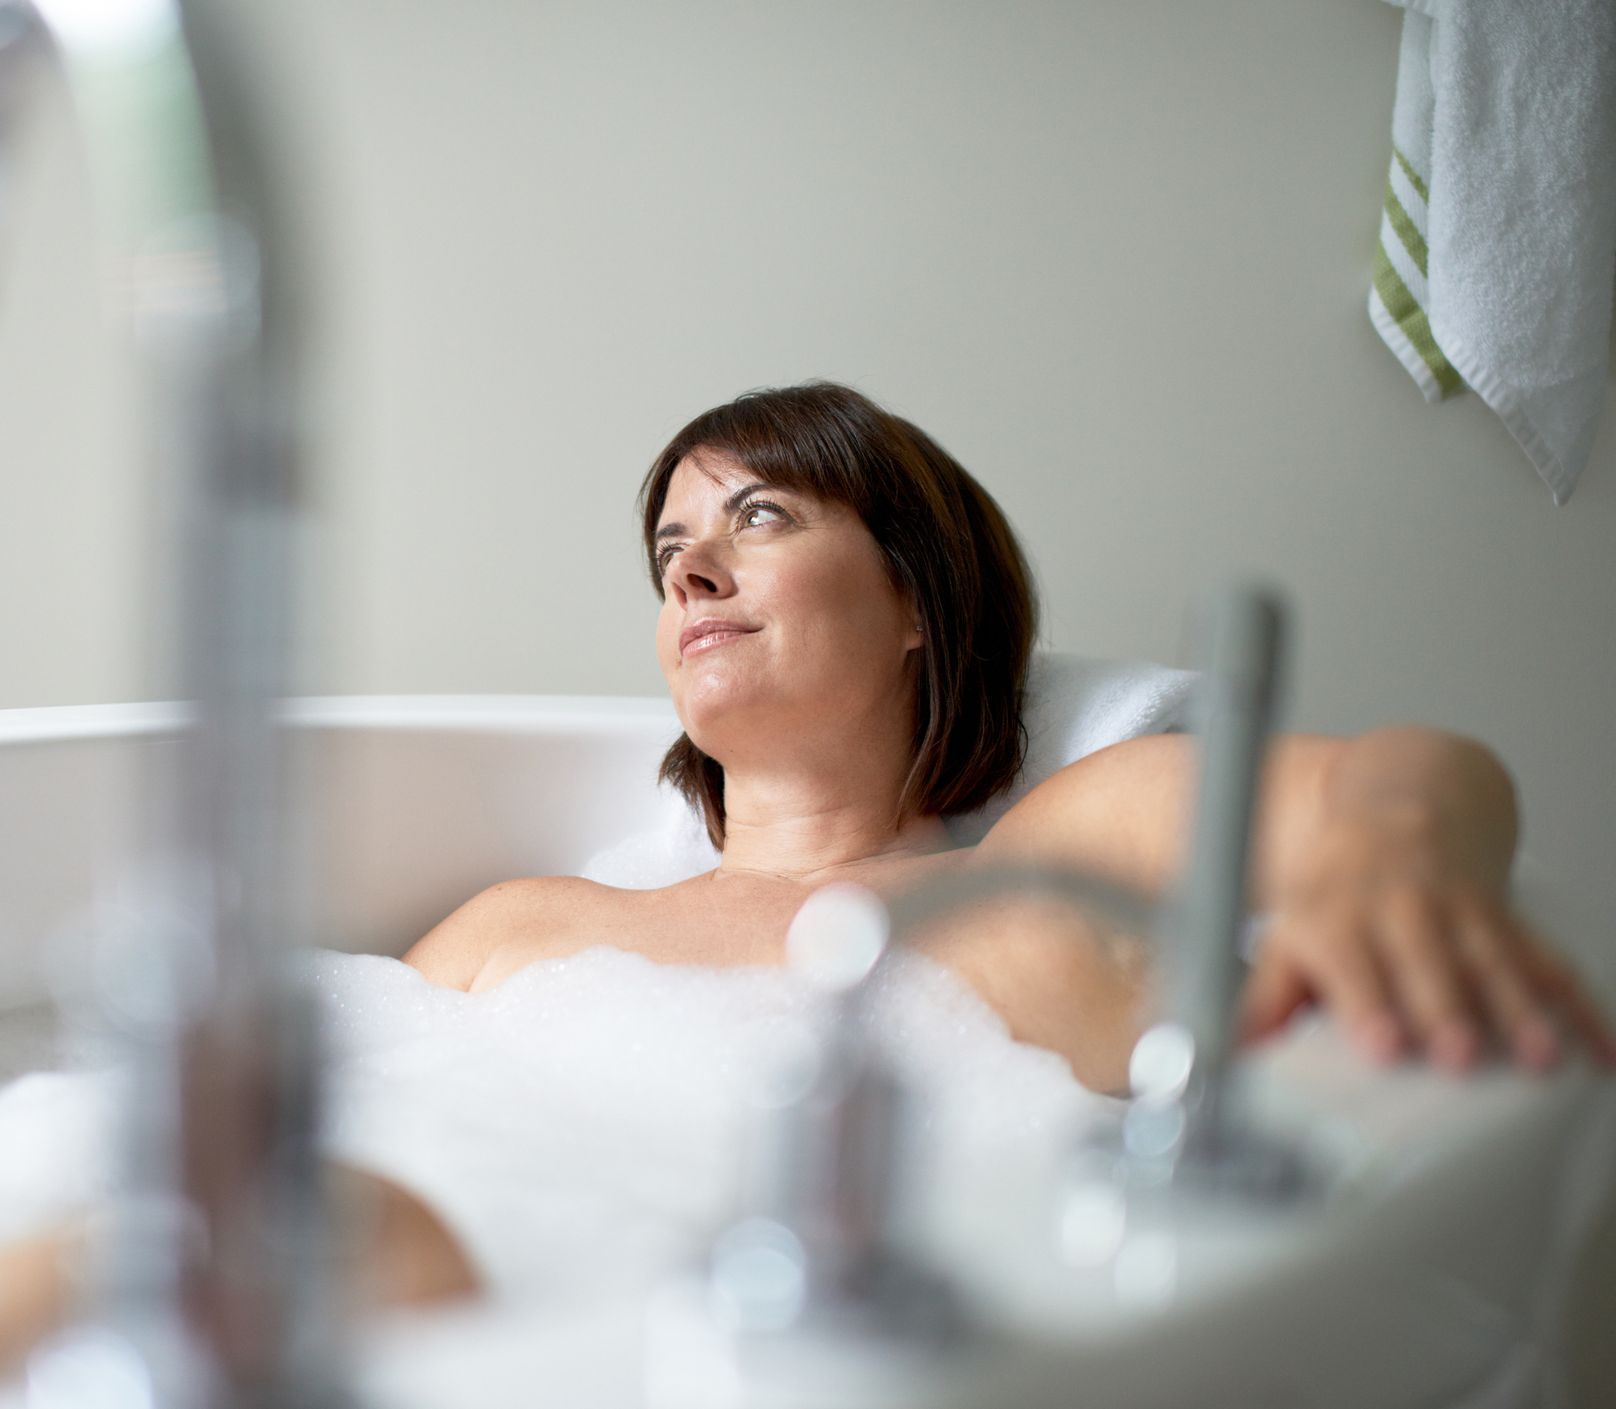 Pomôžu relaxovať i zlepšia náladu: Ako používať esenciálne oleje do kúpeľa?